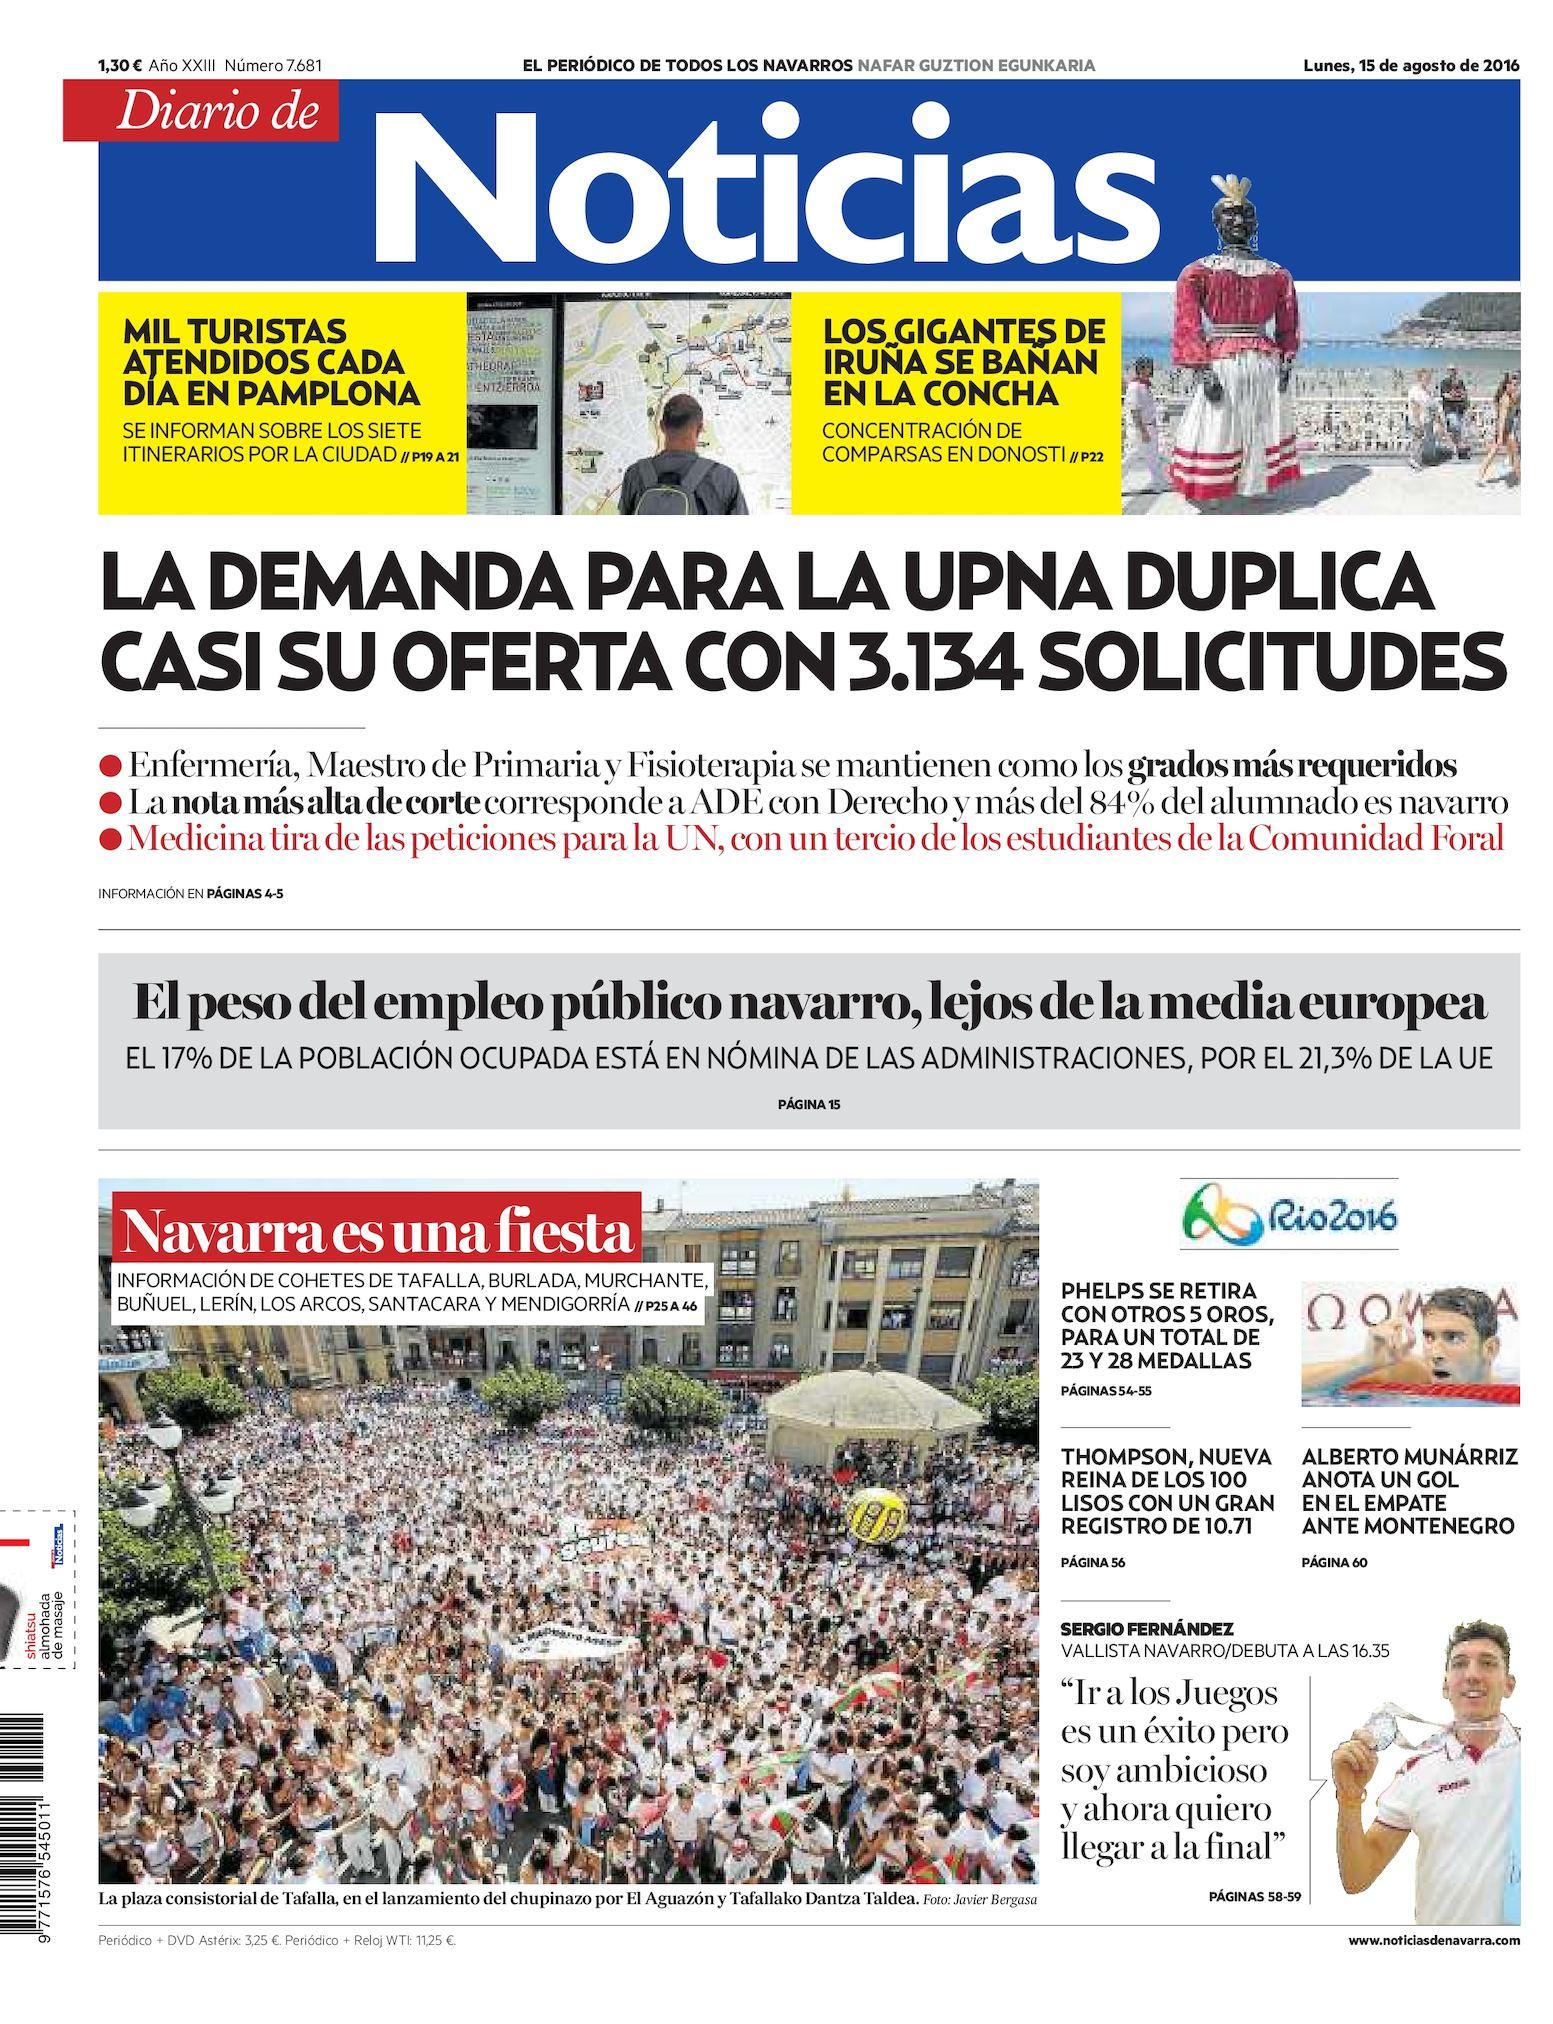 Calaméo - Diario de Noticias 20160815